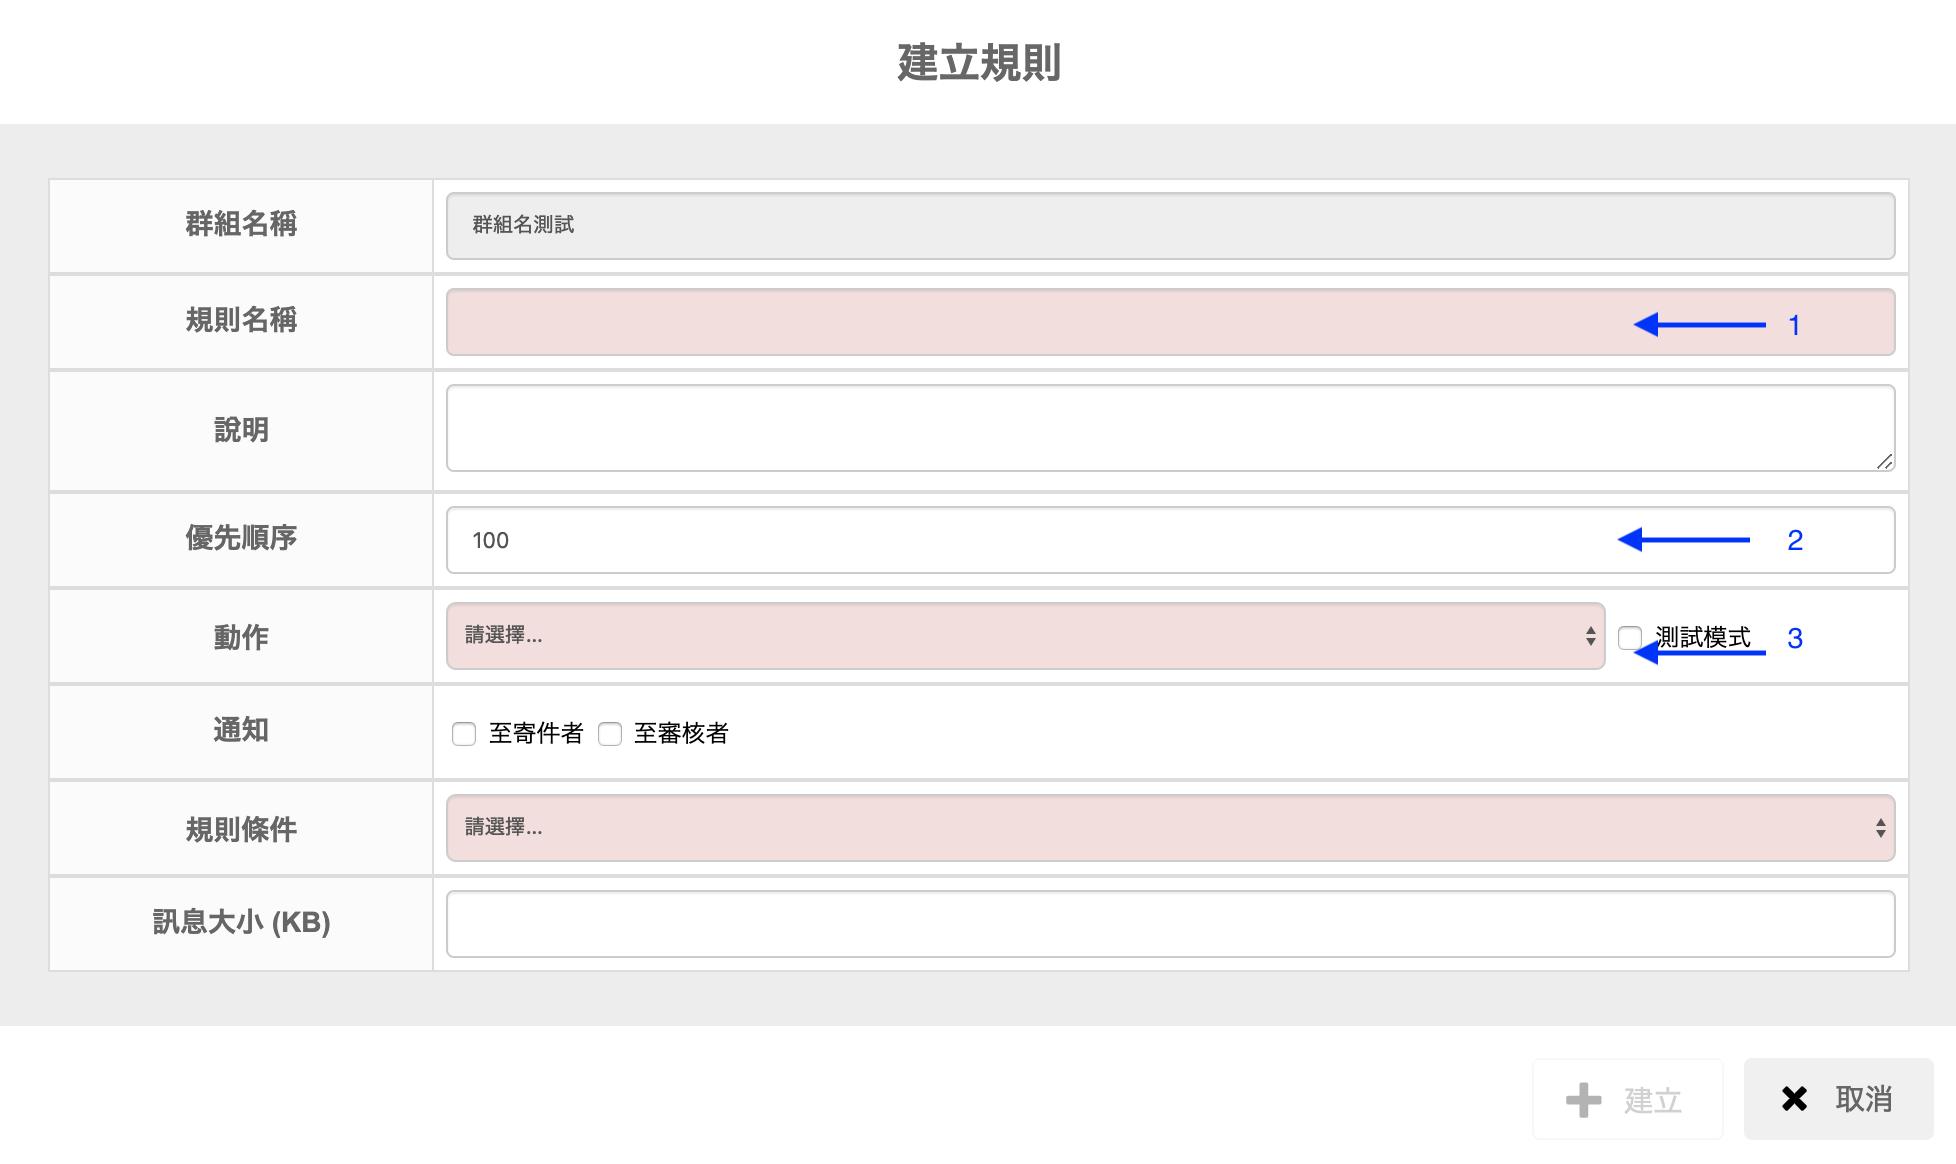 Screen_Shot_2020-03-30_at_16.37.17.png